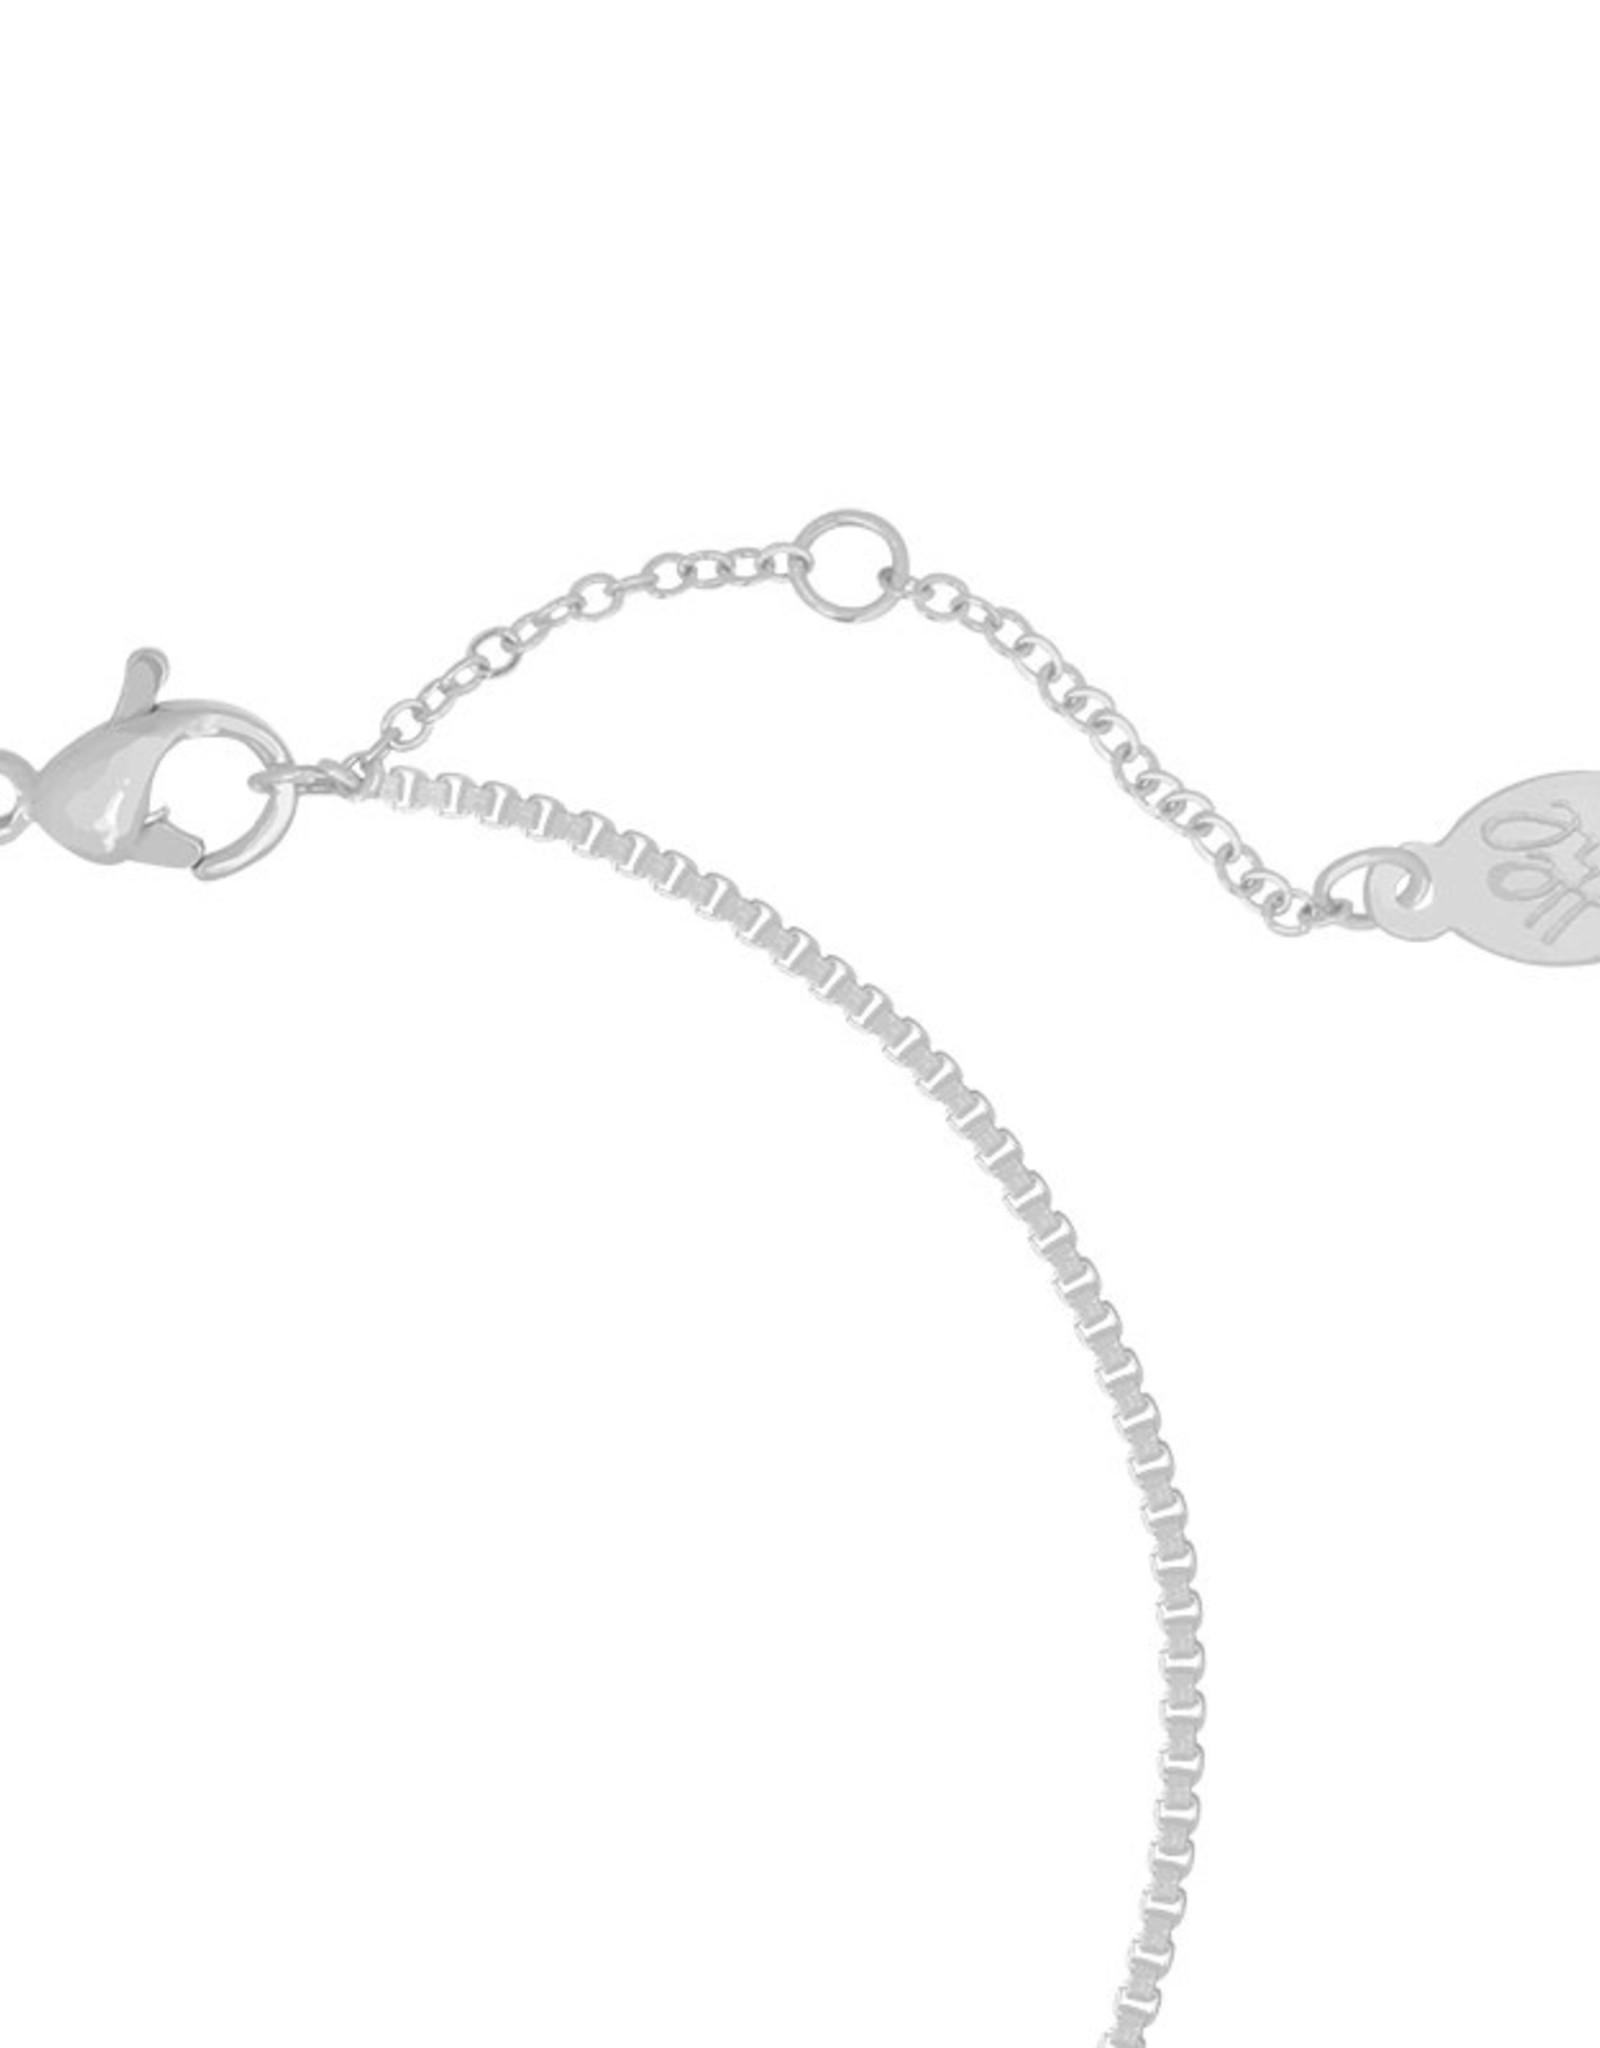 Yehwang Yehwang armbandje bowed bar silver